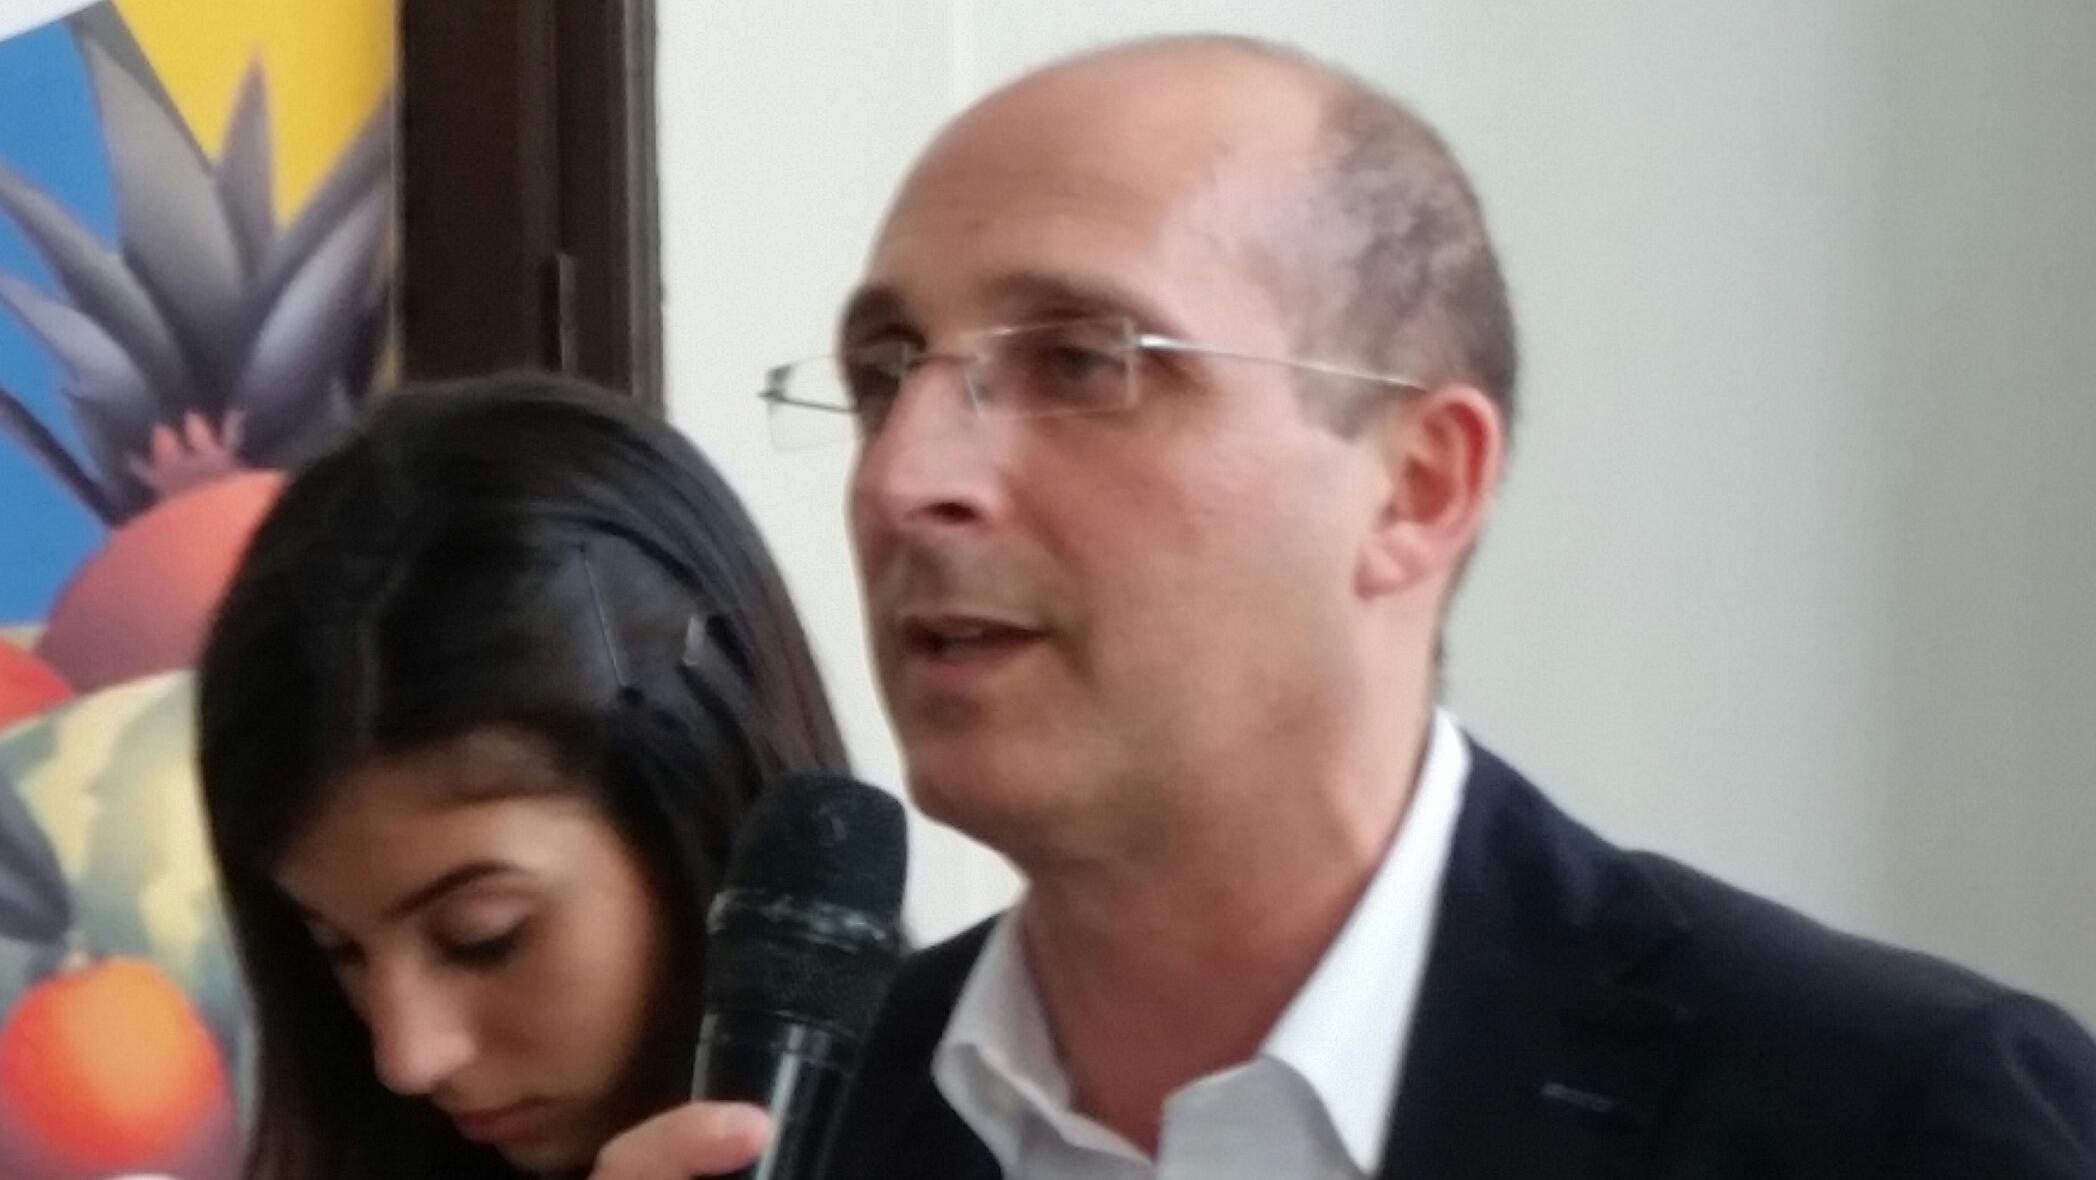 Alberto Firenze incontra gli studenti a Palermo e Trapani. Convocata una conferenza di servizio.